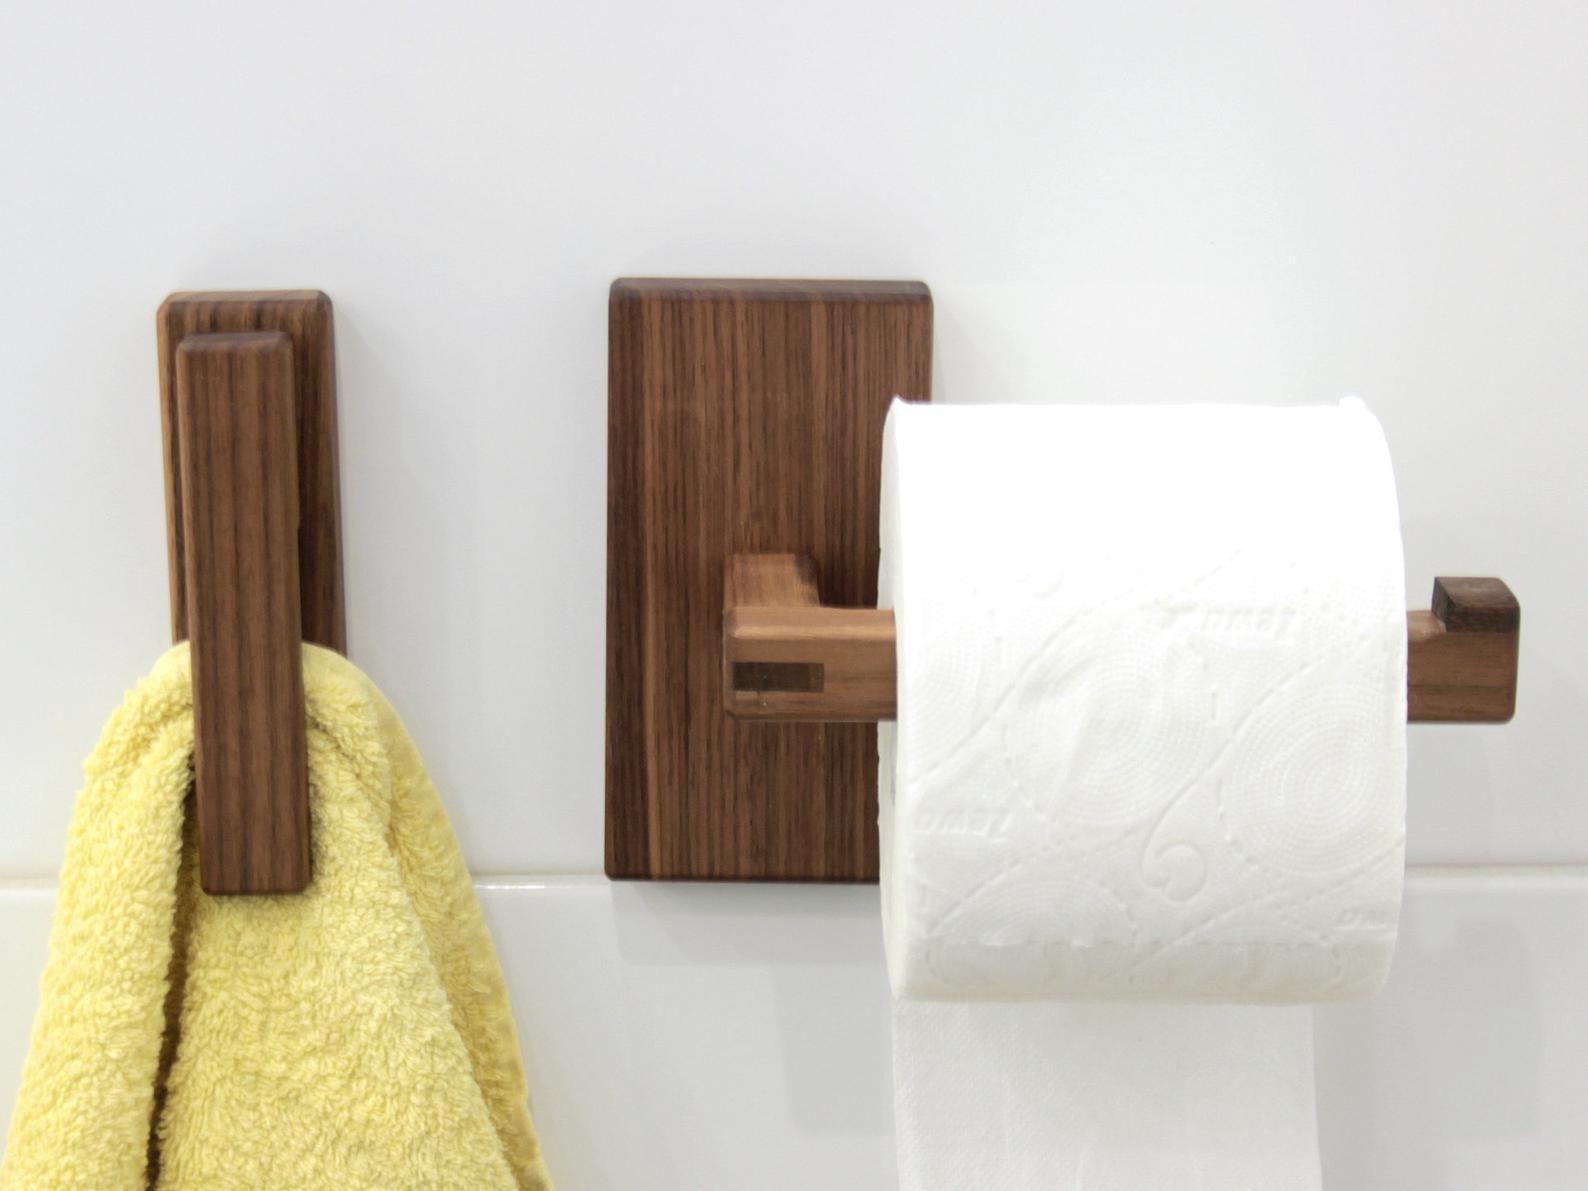 Walnut Toilet Paper Holder And Wood Towel Holder Bathroom Set Minimalist Bathroom Accessoires In 2021 Wood Towel Holder Towel Holder Towel Holder Bathroom Bathroom towel bars and toilet paper holders